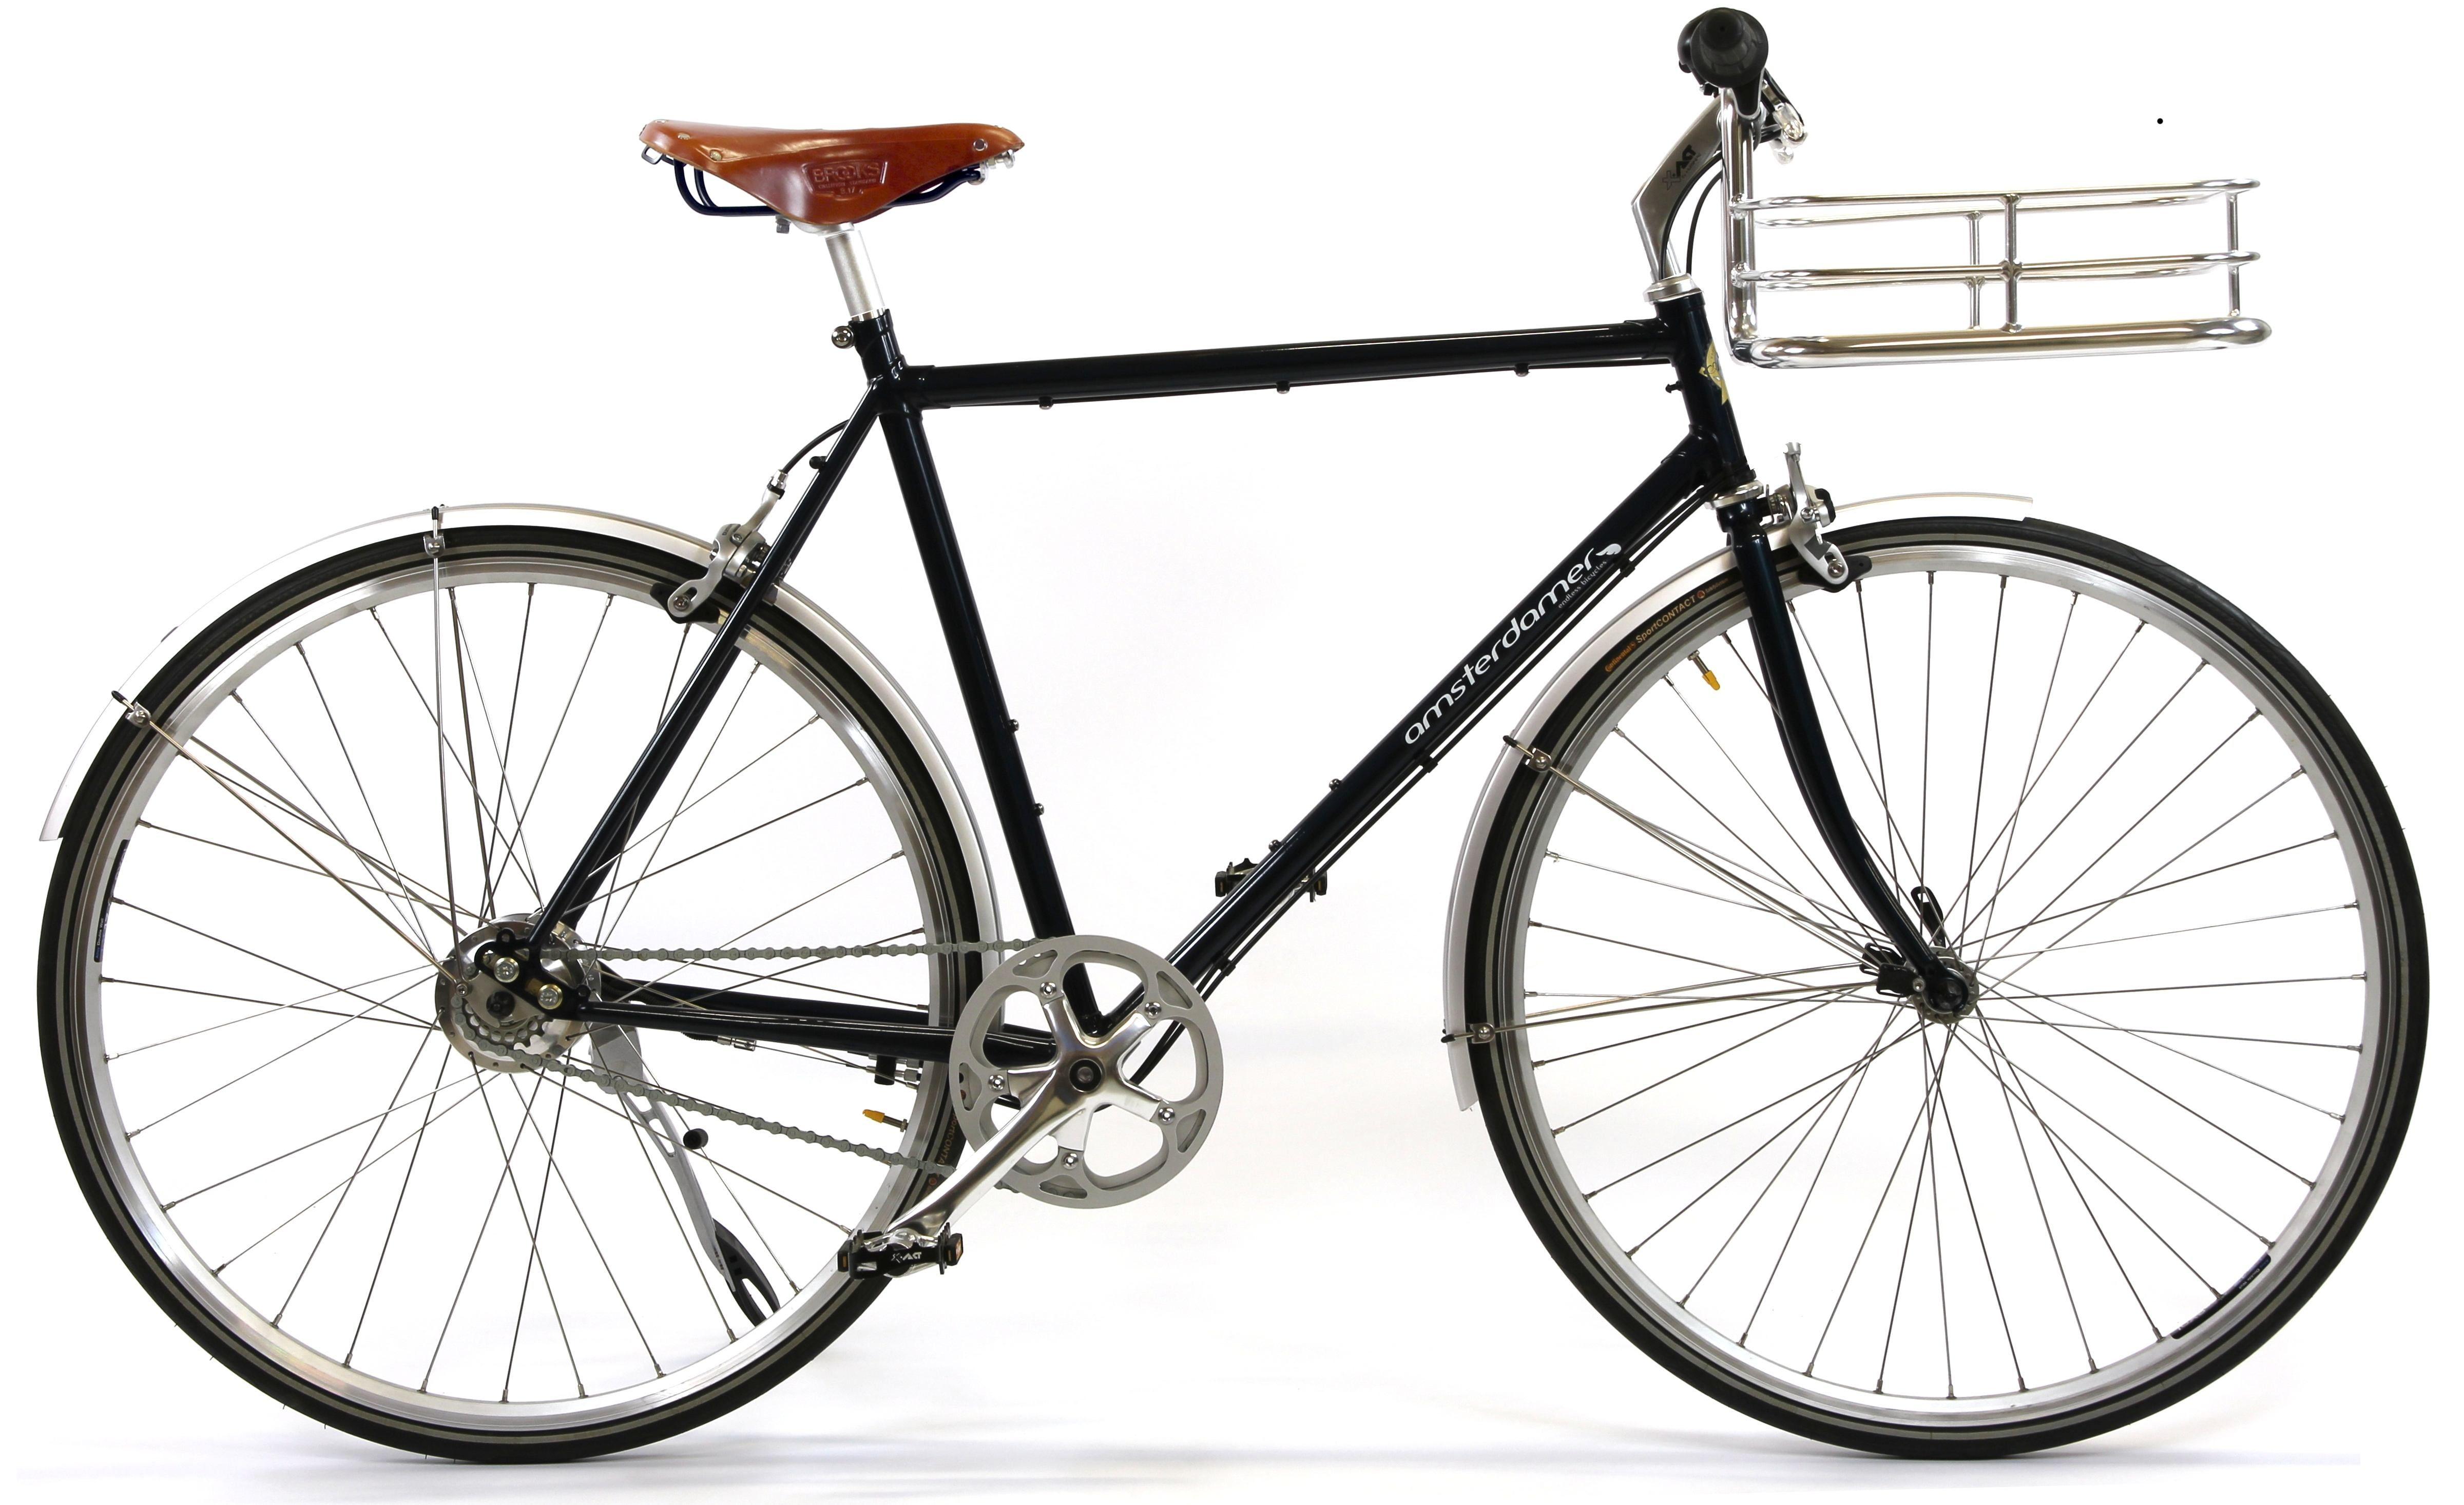 velo agathe high porte bagage cadre homme bike pinterest bike stuff and tandem. Black Bedroom Furniture Sets. Home Design Ideas